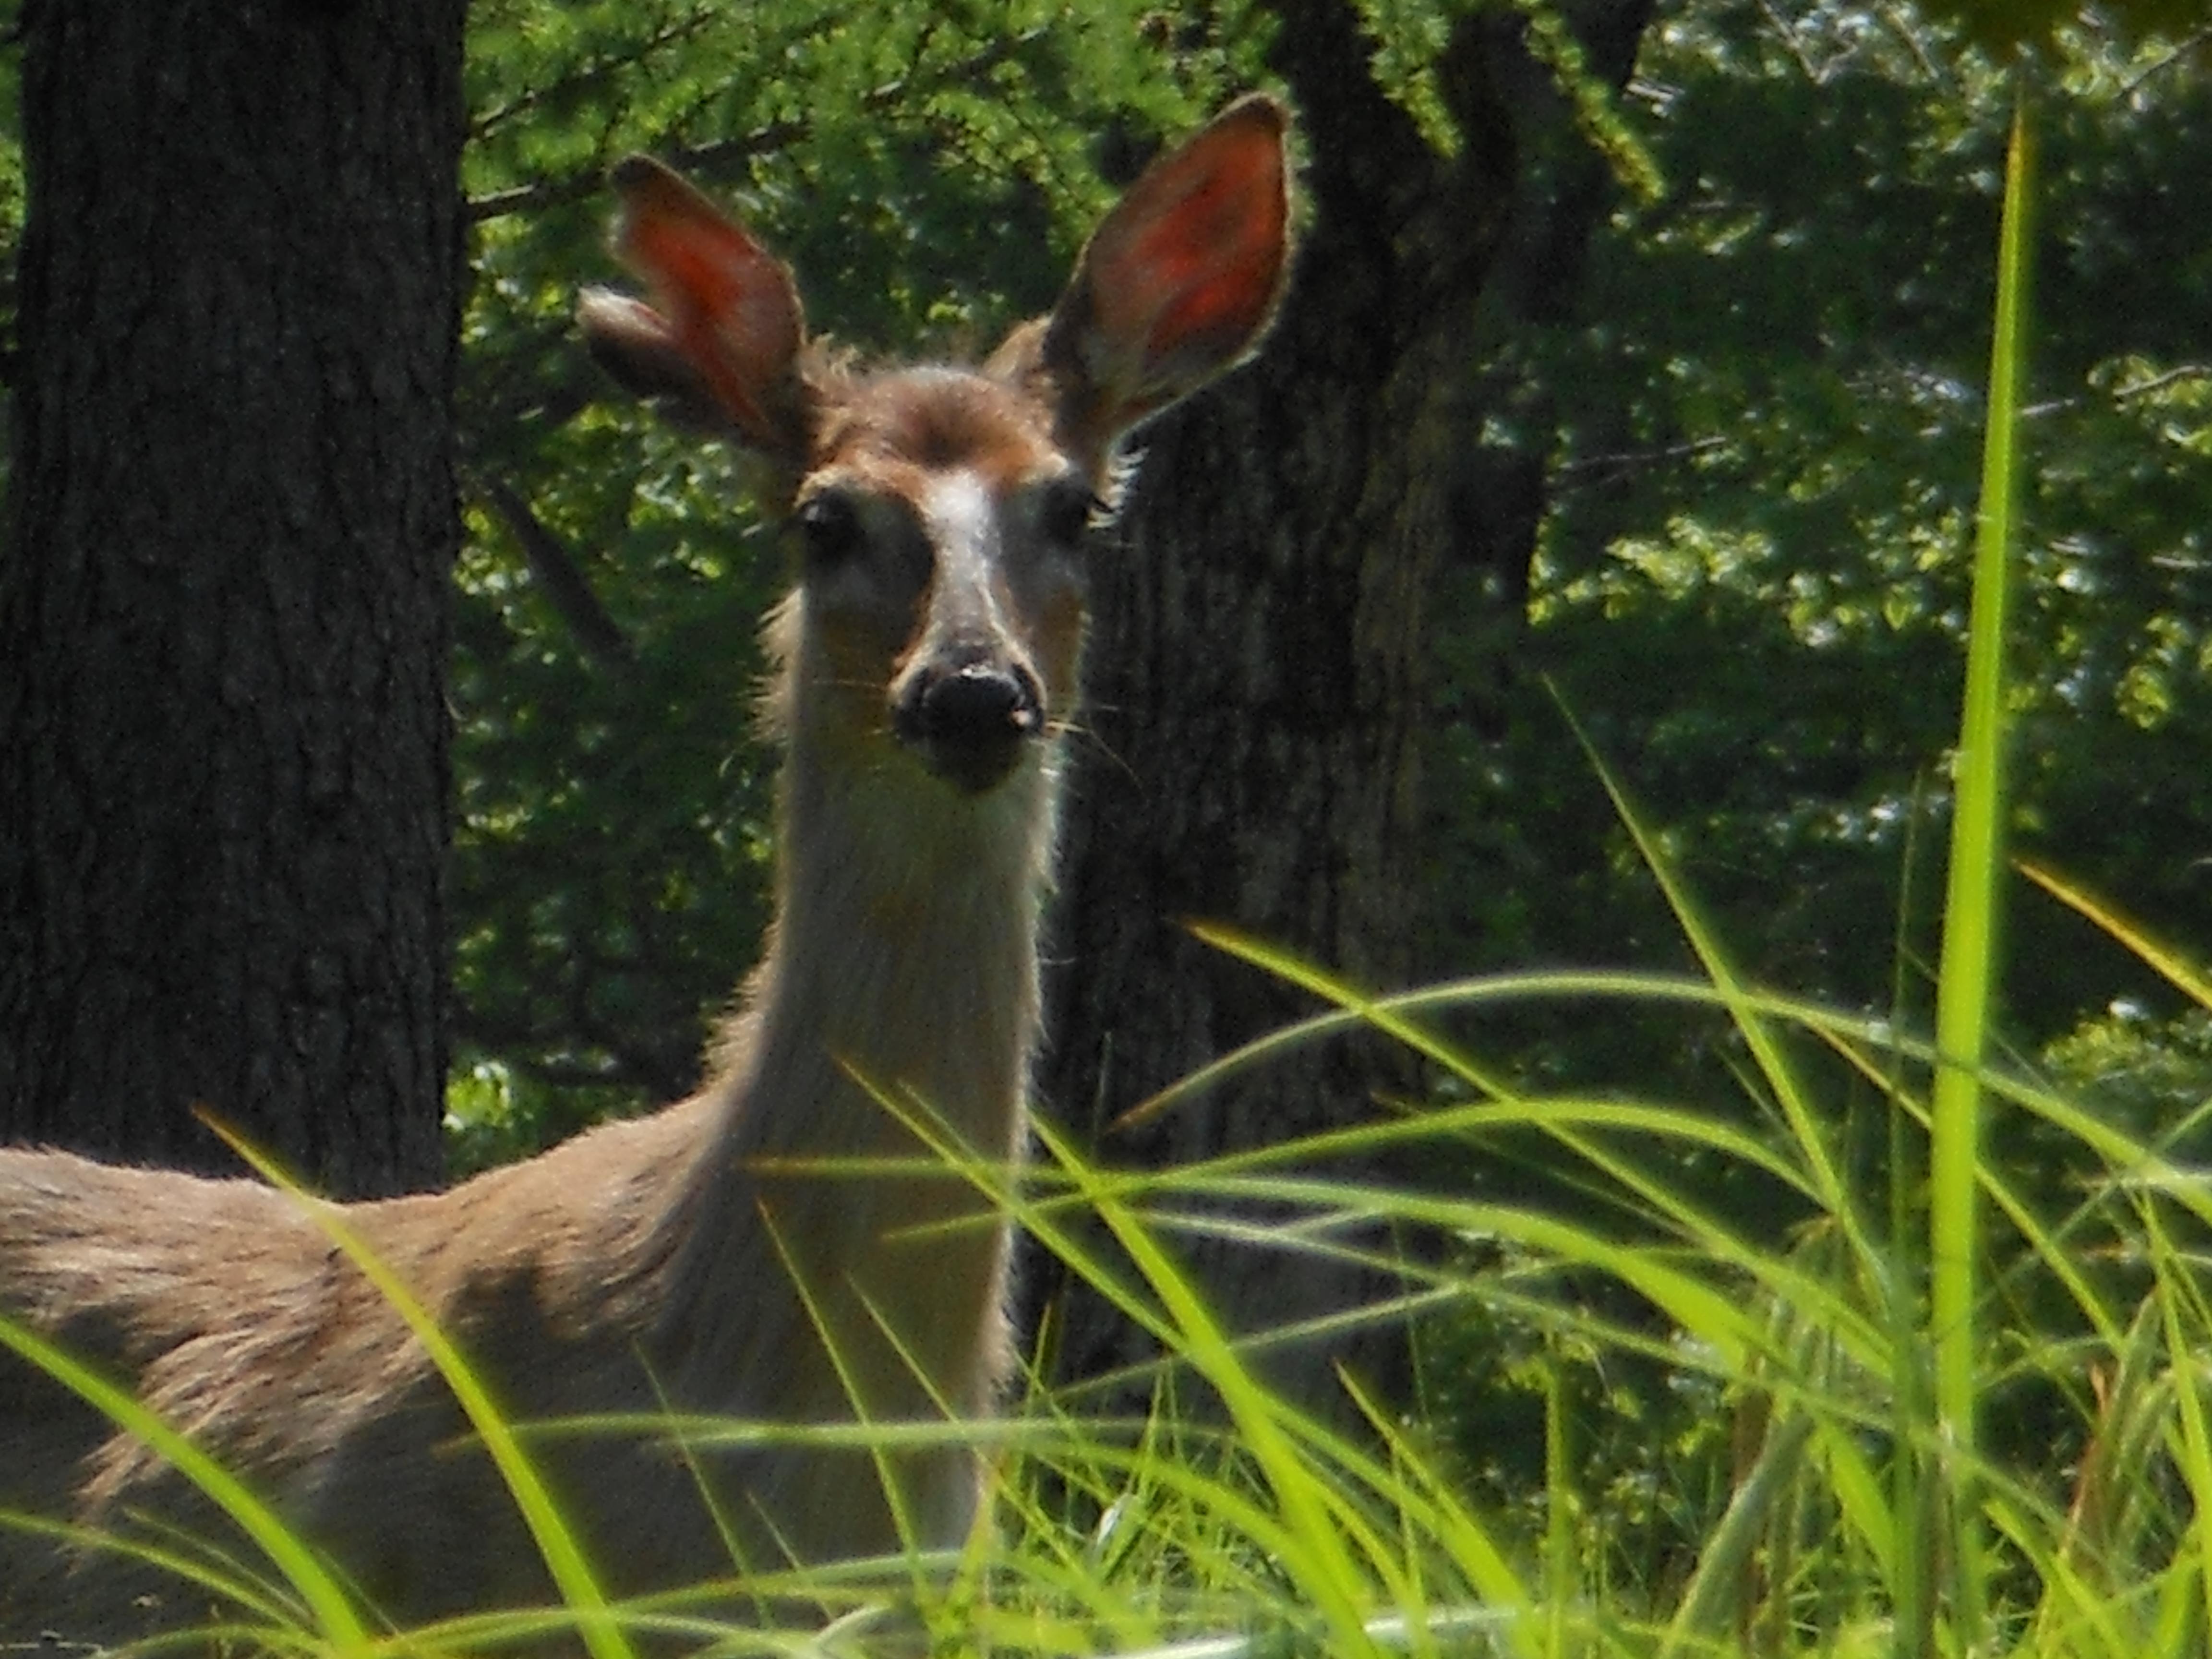 Curious inhabitant